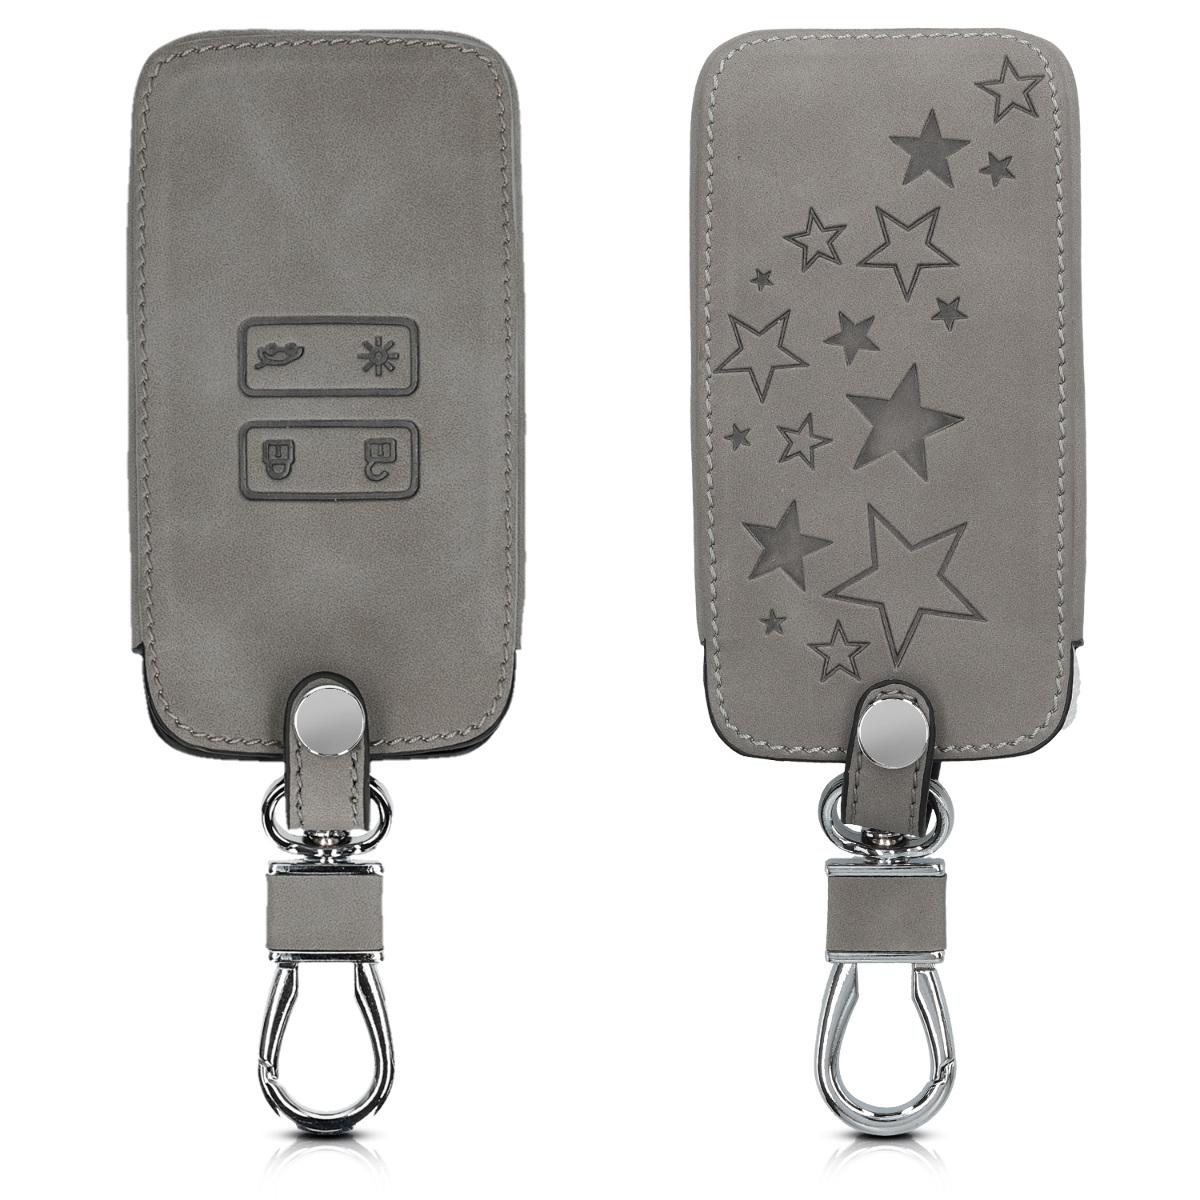 KW PU Leather Θήκη Κλειδιού Renault - 4 Κουμπιά  - Grey  (48565.03)